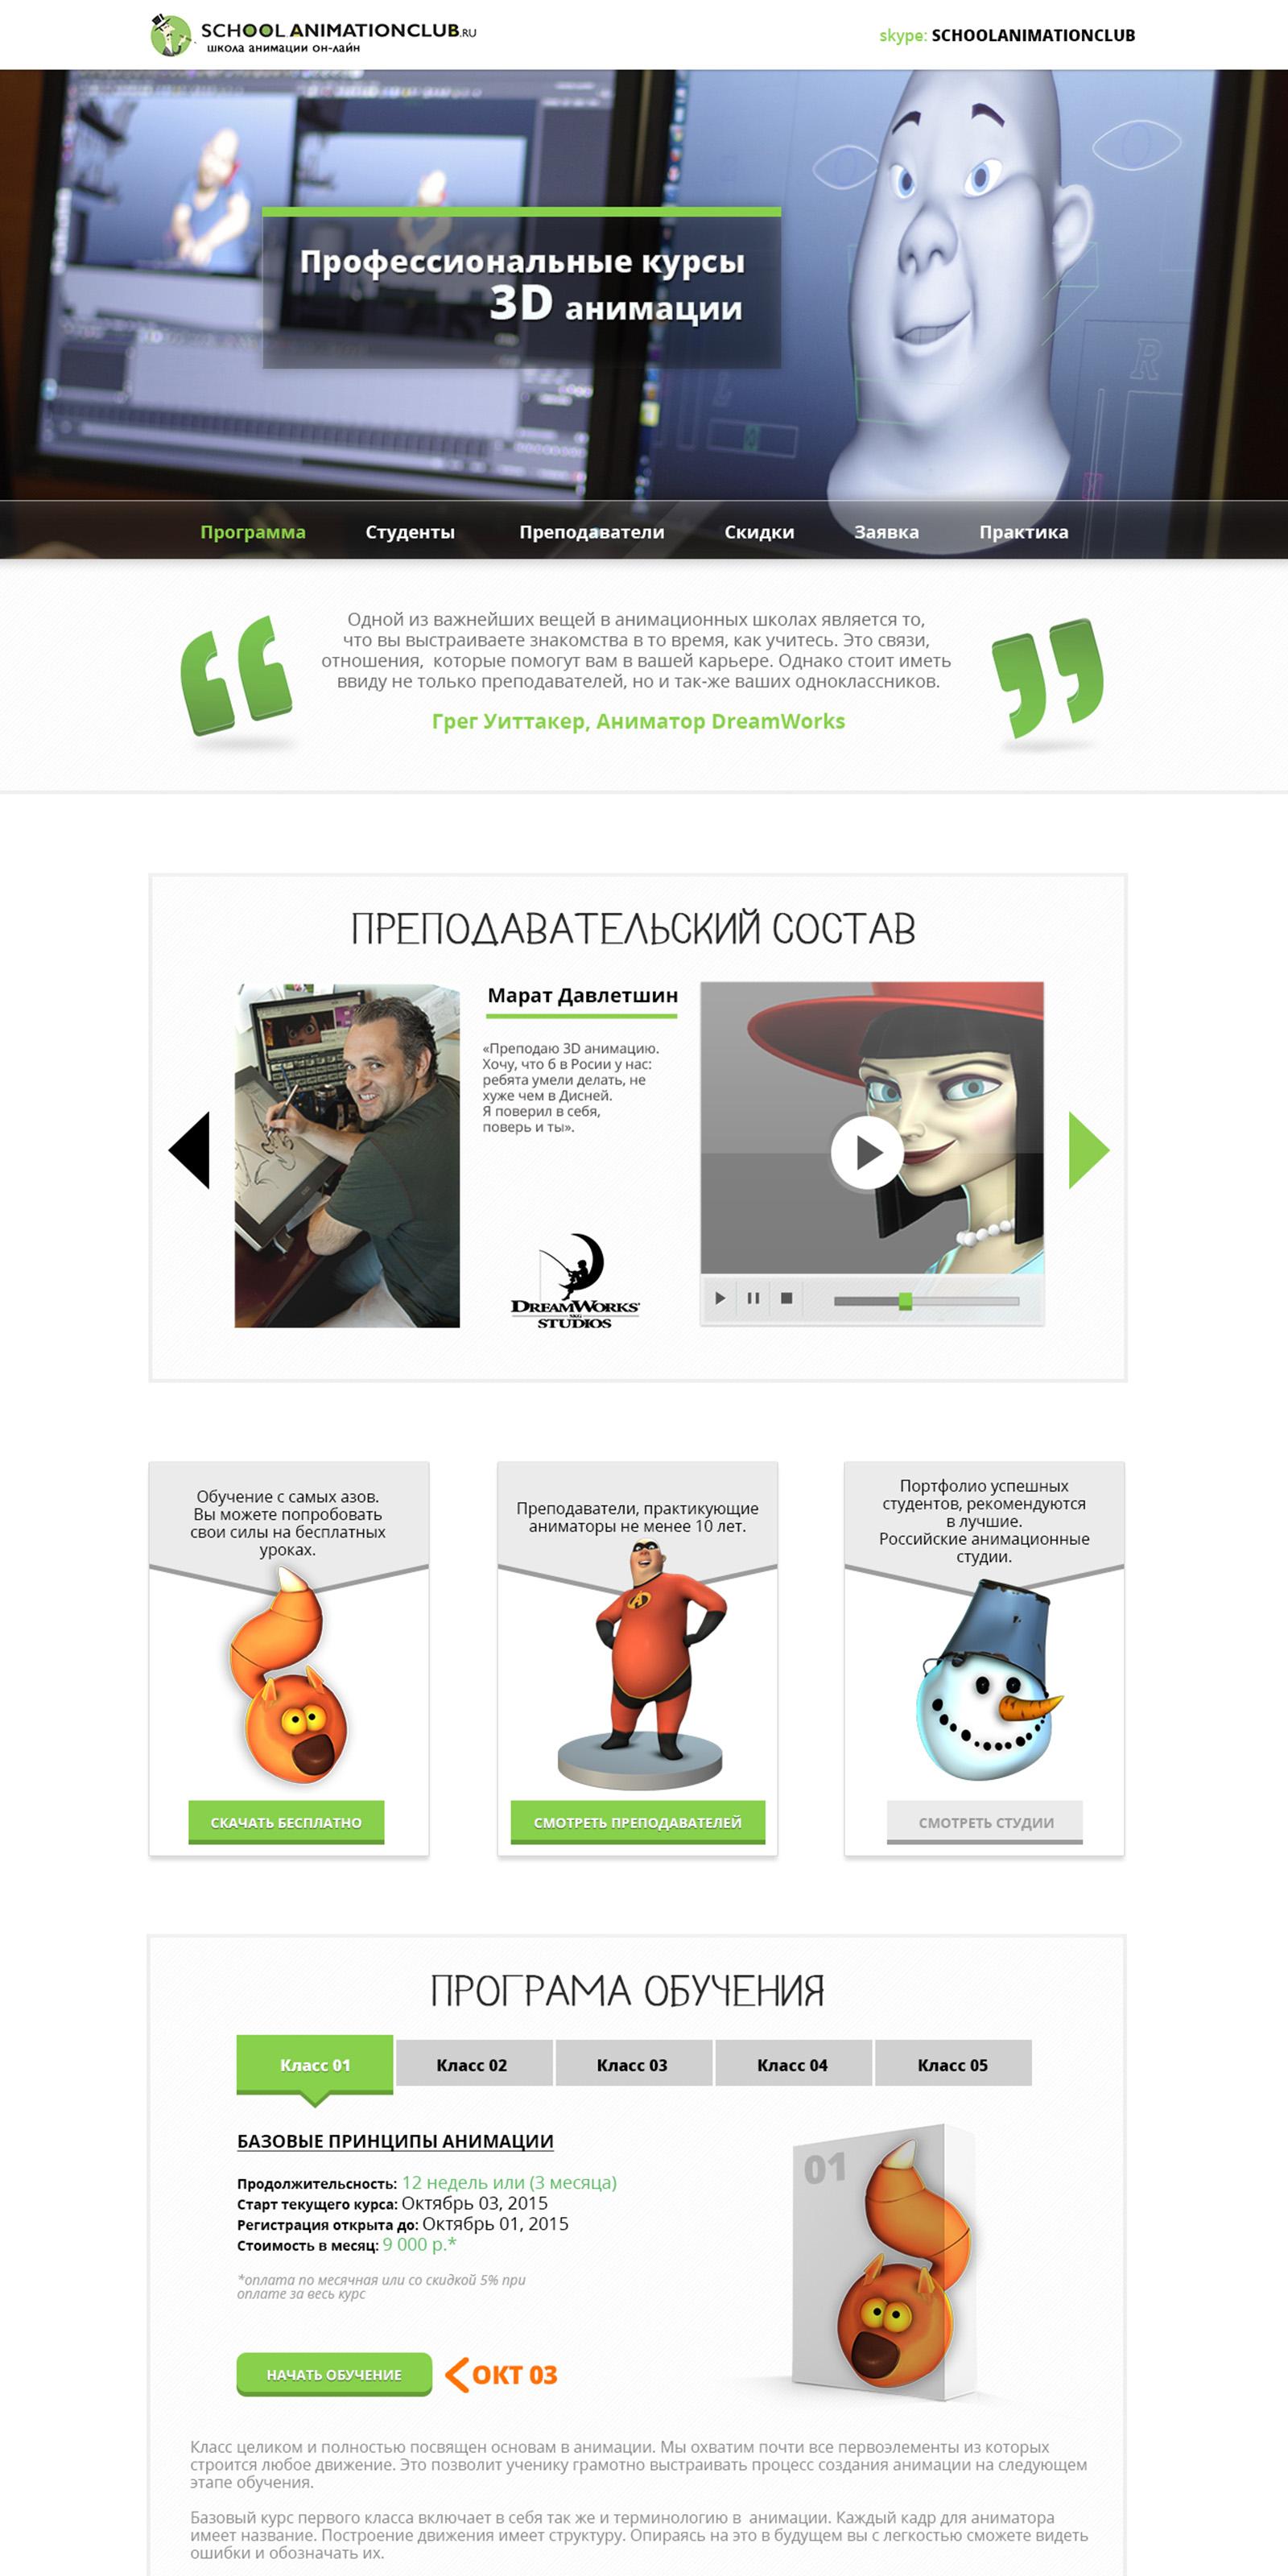 school.animationclub.ru